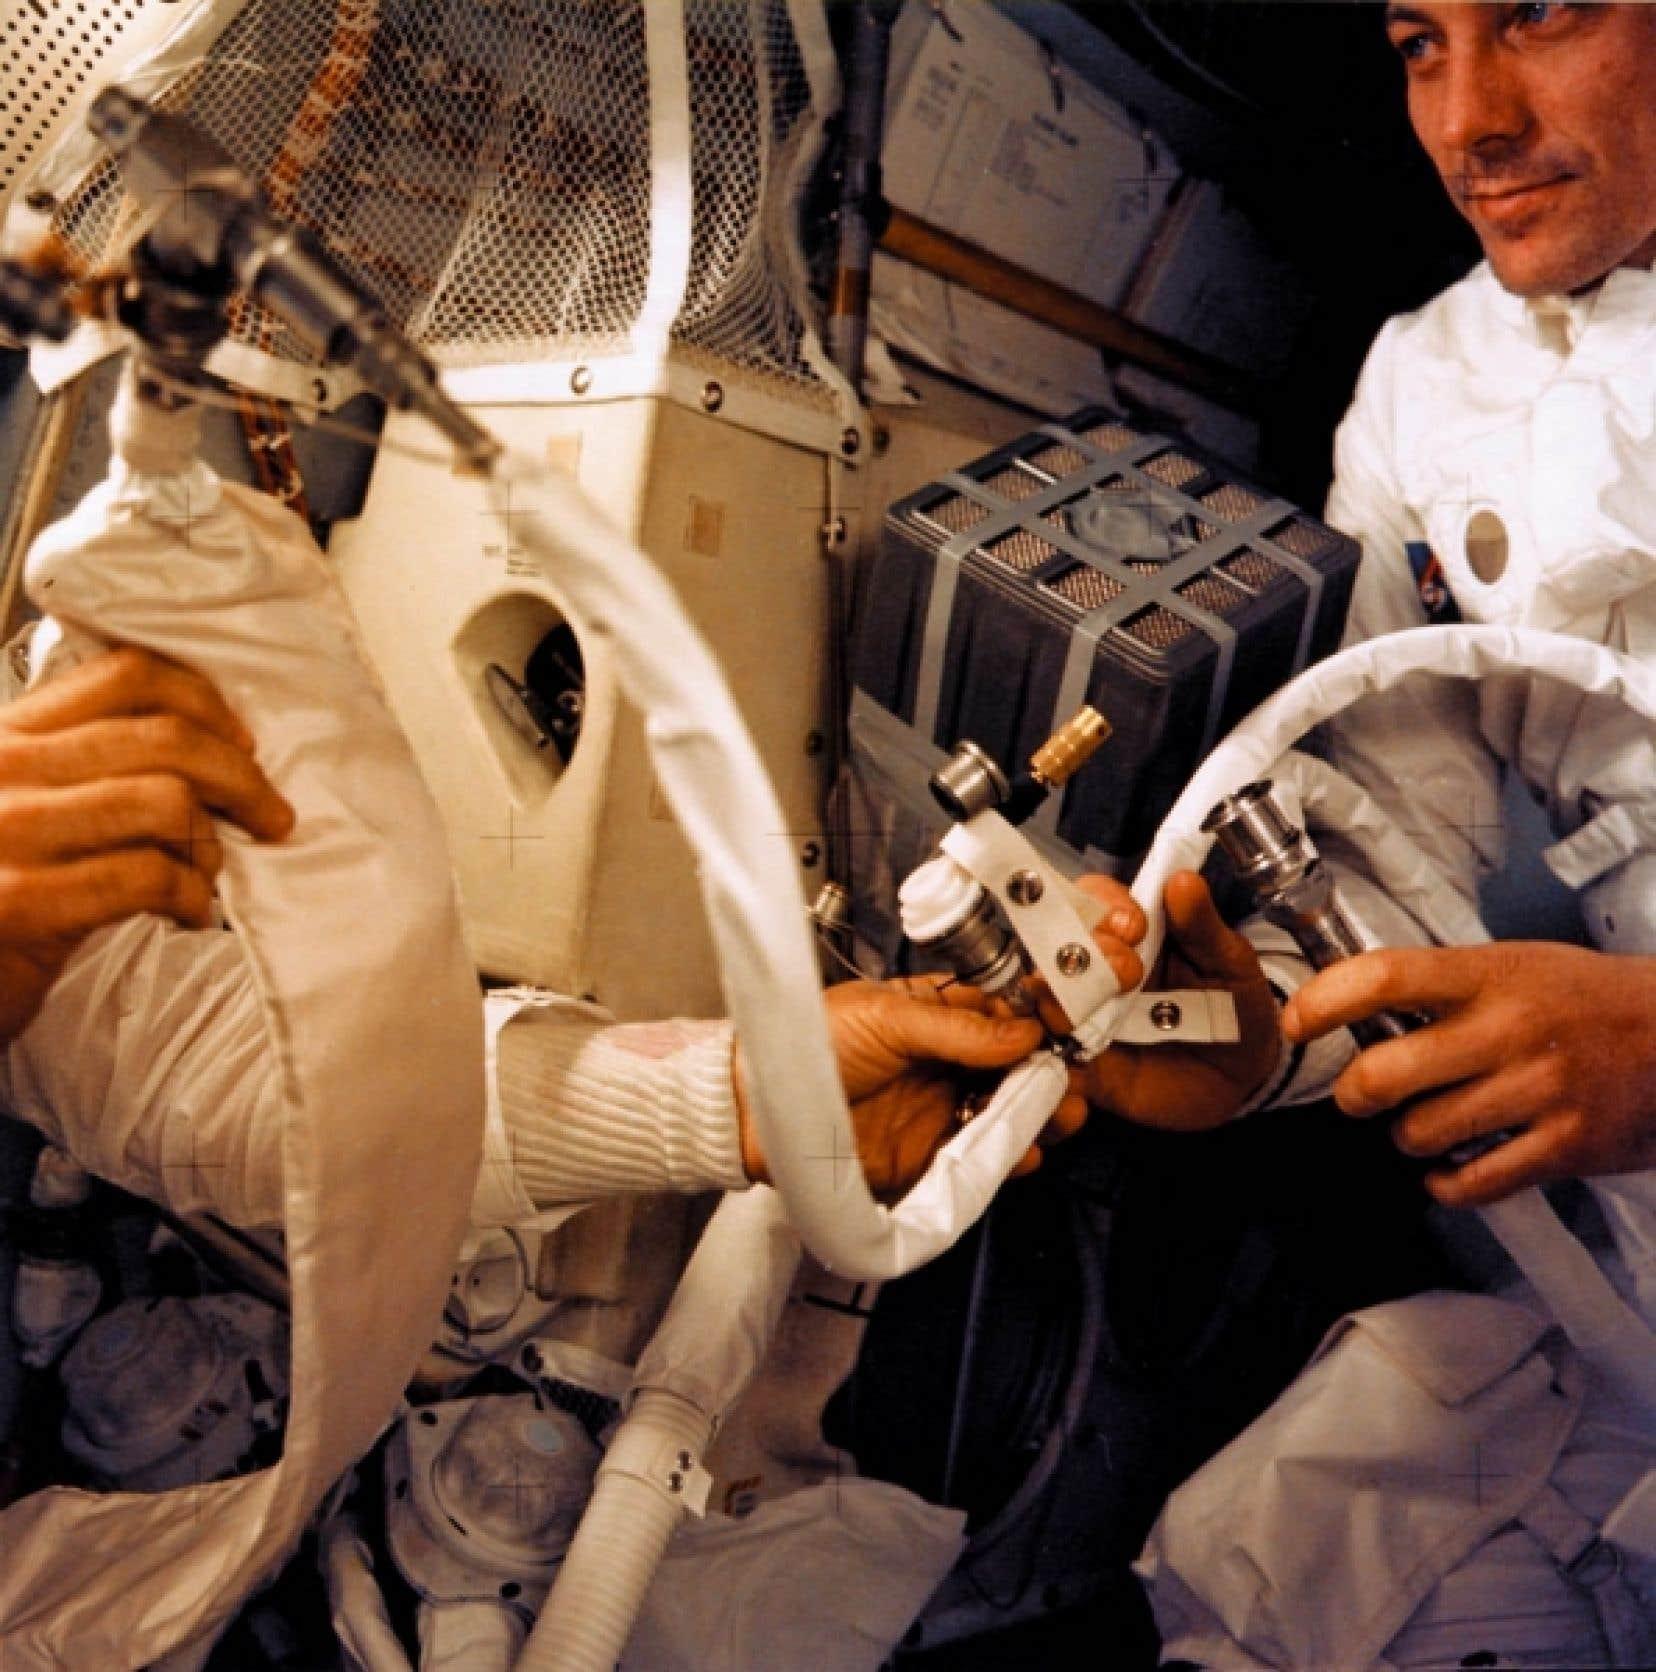 Cette photo de la NASA montre l'astronaute Fred W. Haise Jr au travail lors du vol dramatique d'Apollo 13, en avril 1970. Un incendie à bord du module avait forcé les astronautes à prendre des mesures extraordinaires pour regagner la Terre. C'est en lançant des vols comme celui-là que la NASA et les autres agences d'exploration spatiale ont développé une foule de technologies utilisées aujourd'hui dans toutes sortes de domaines.<br />